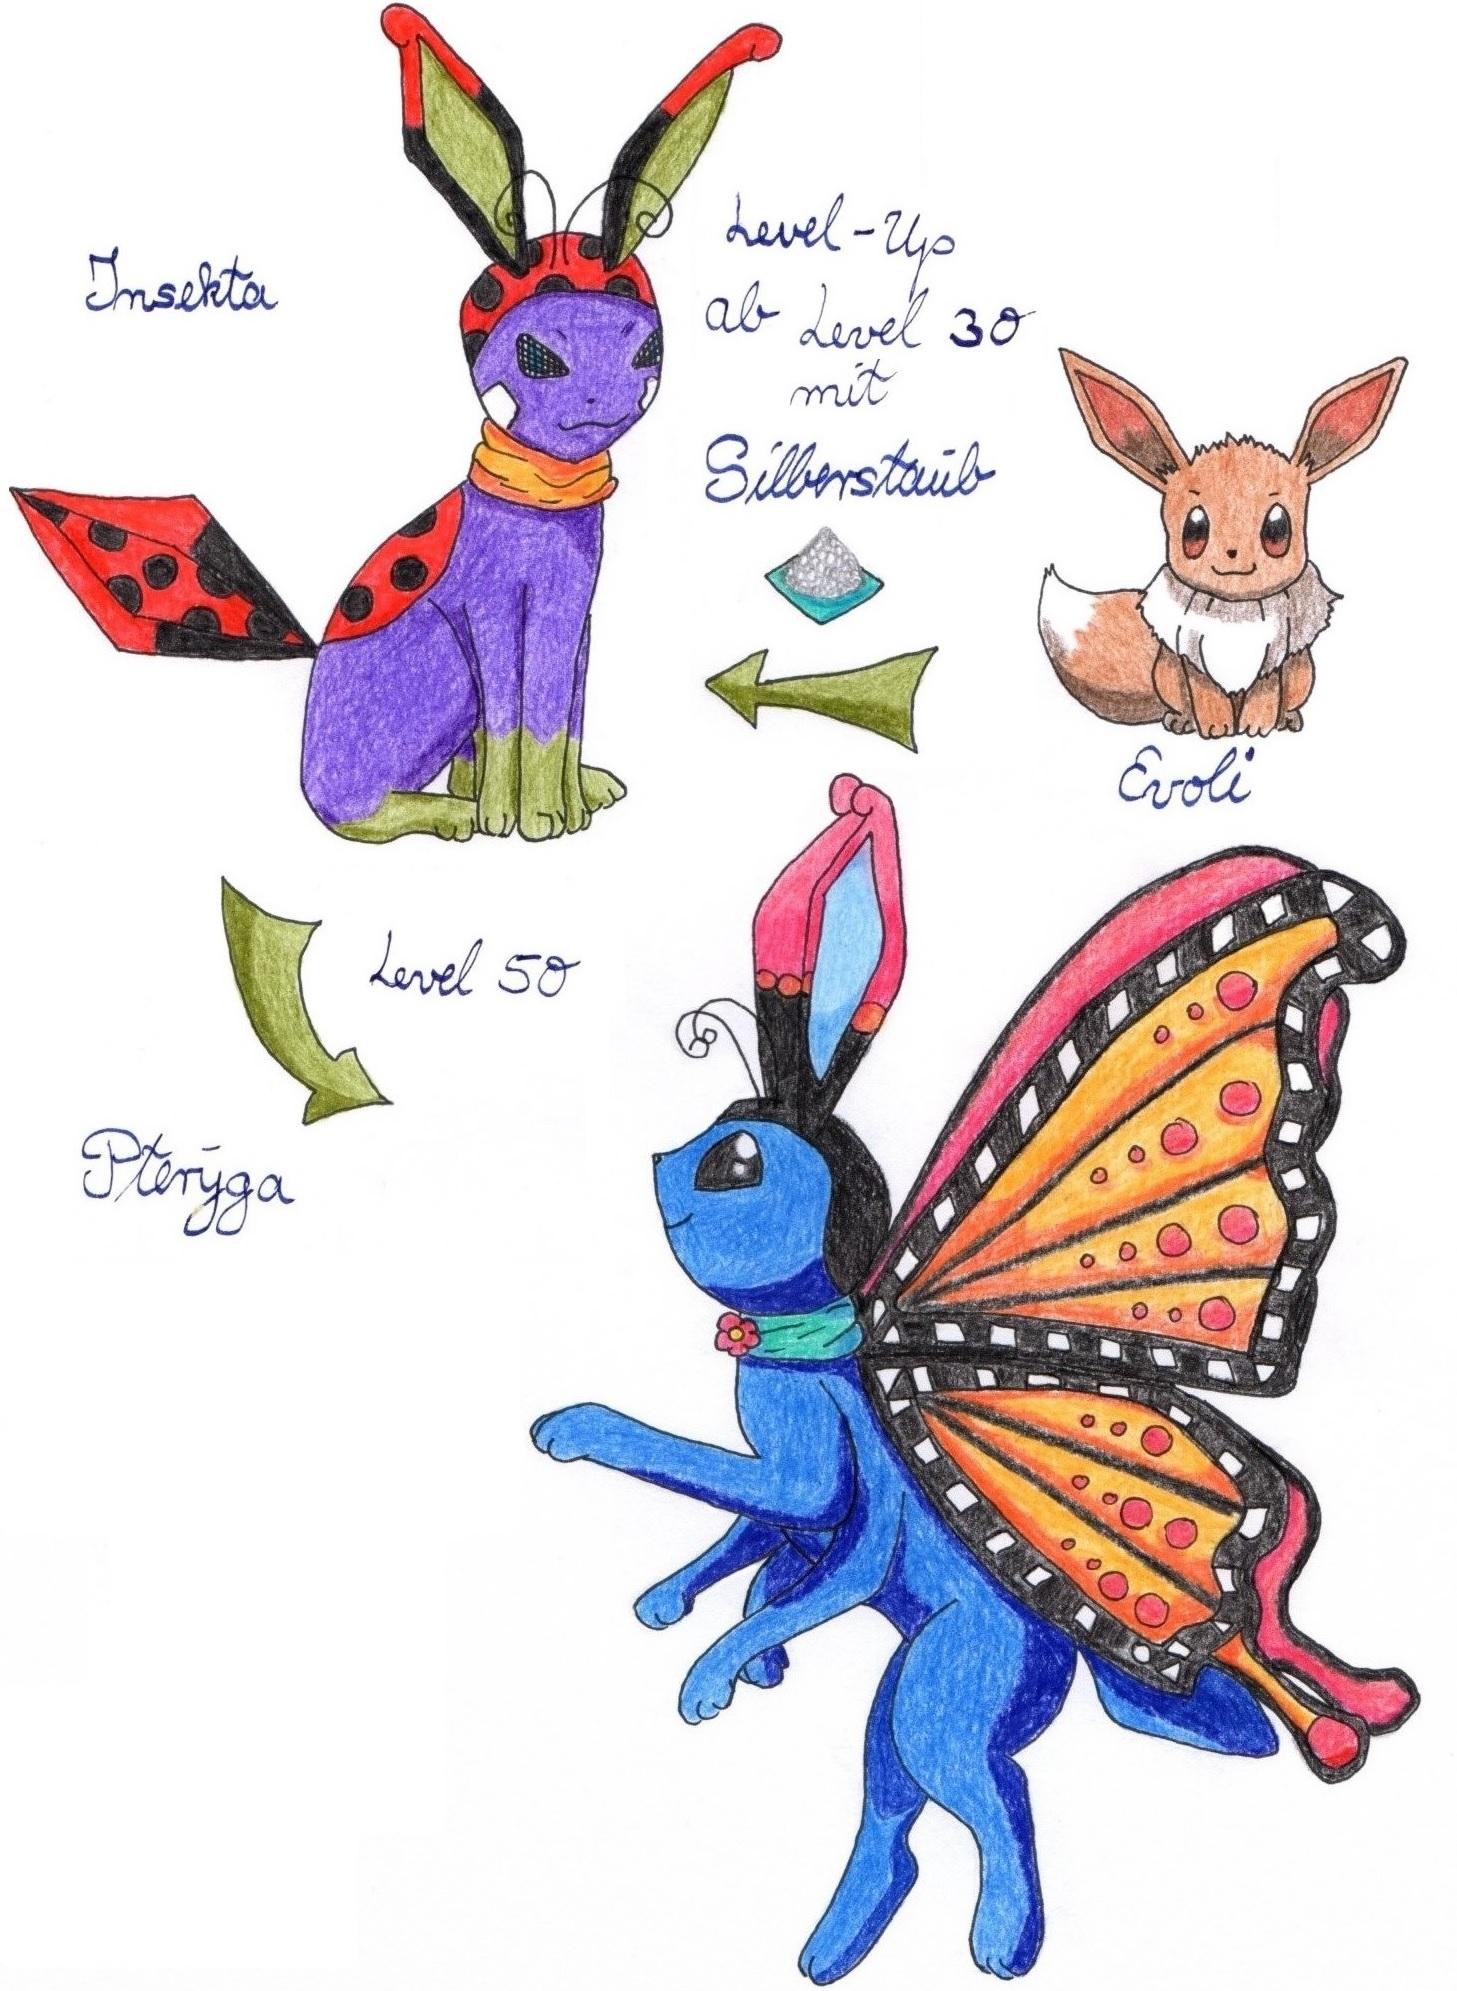 Pokémon-Zeichnung: Evoli-Evolutionen-Insekta